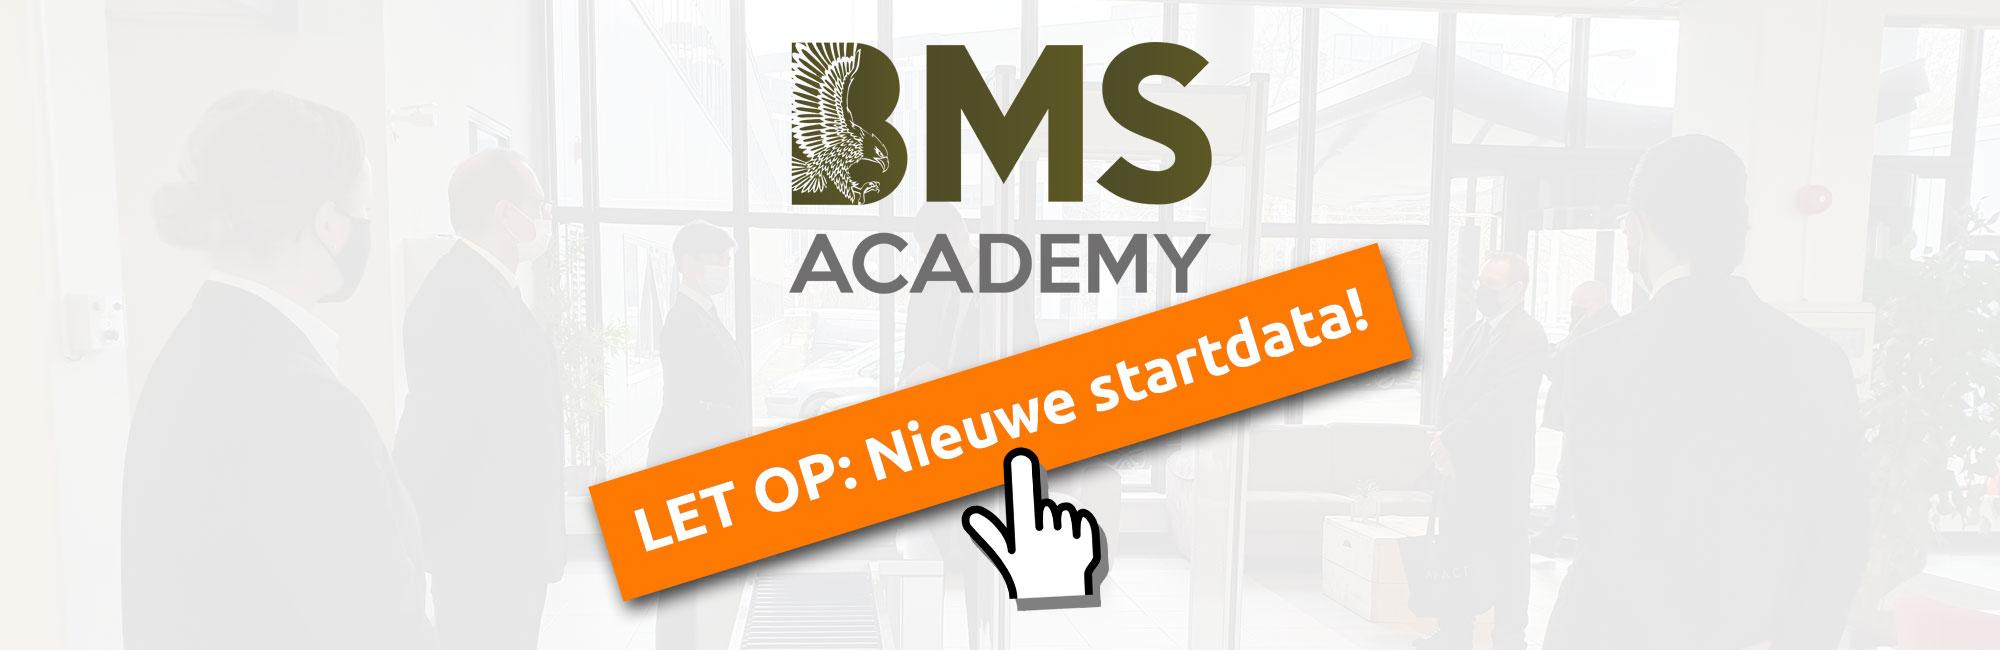 - BMS Academy Badhoevedorp